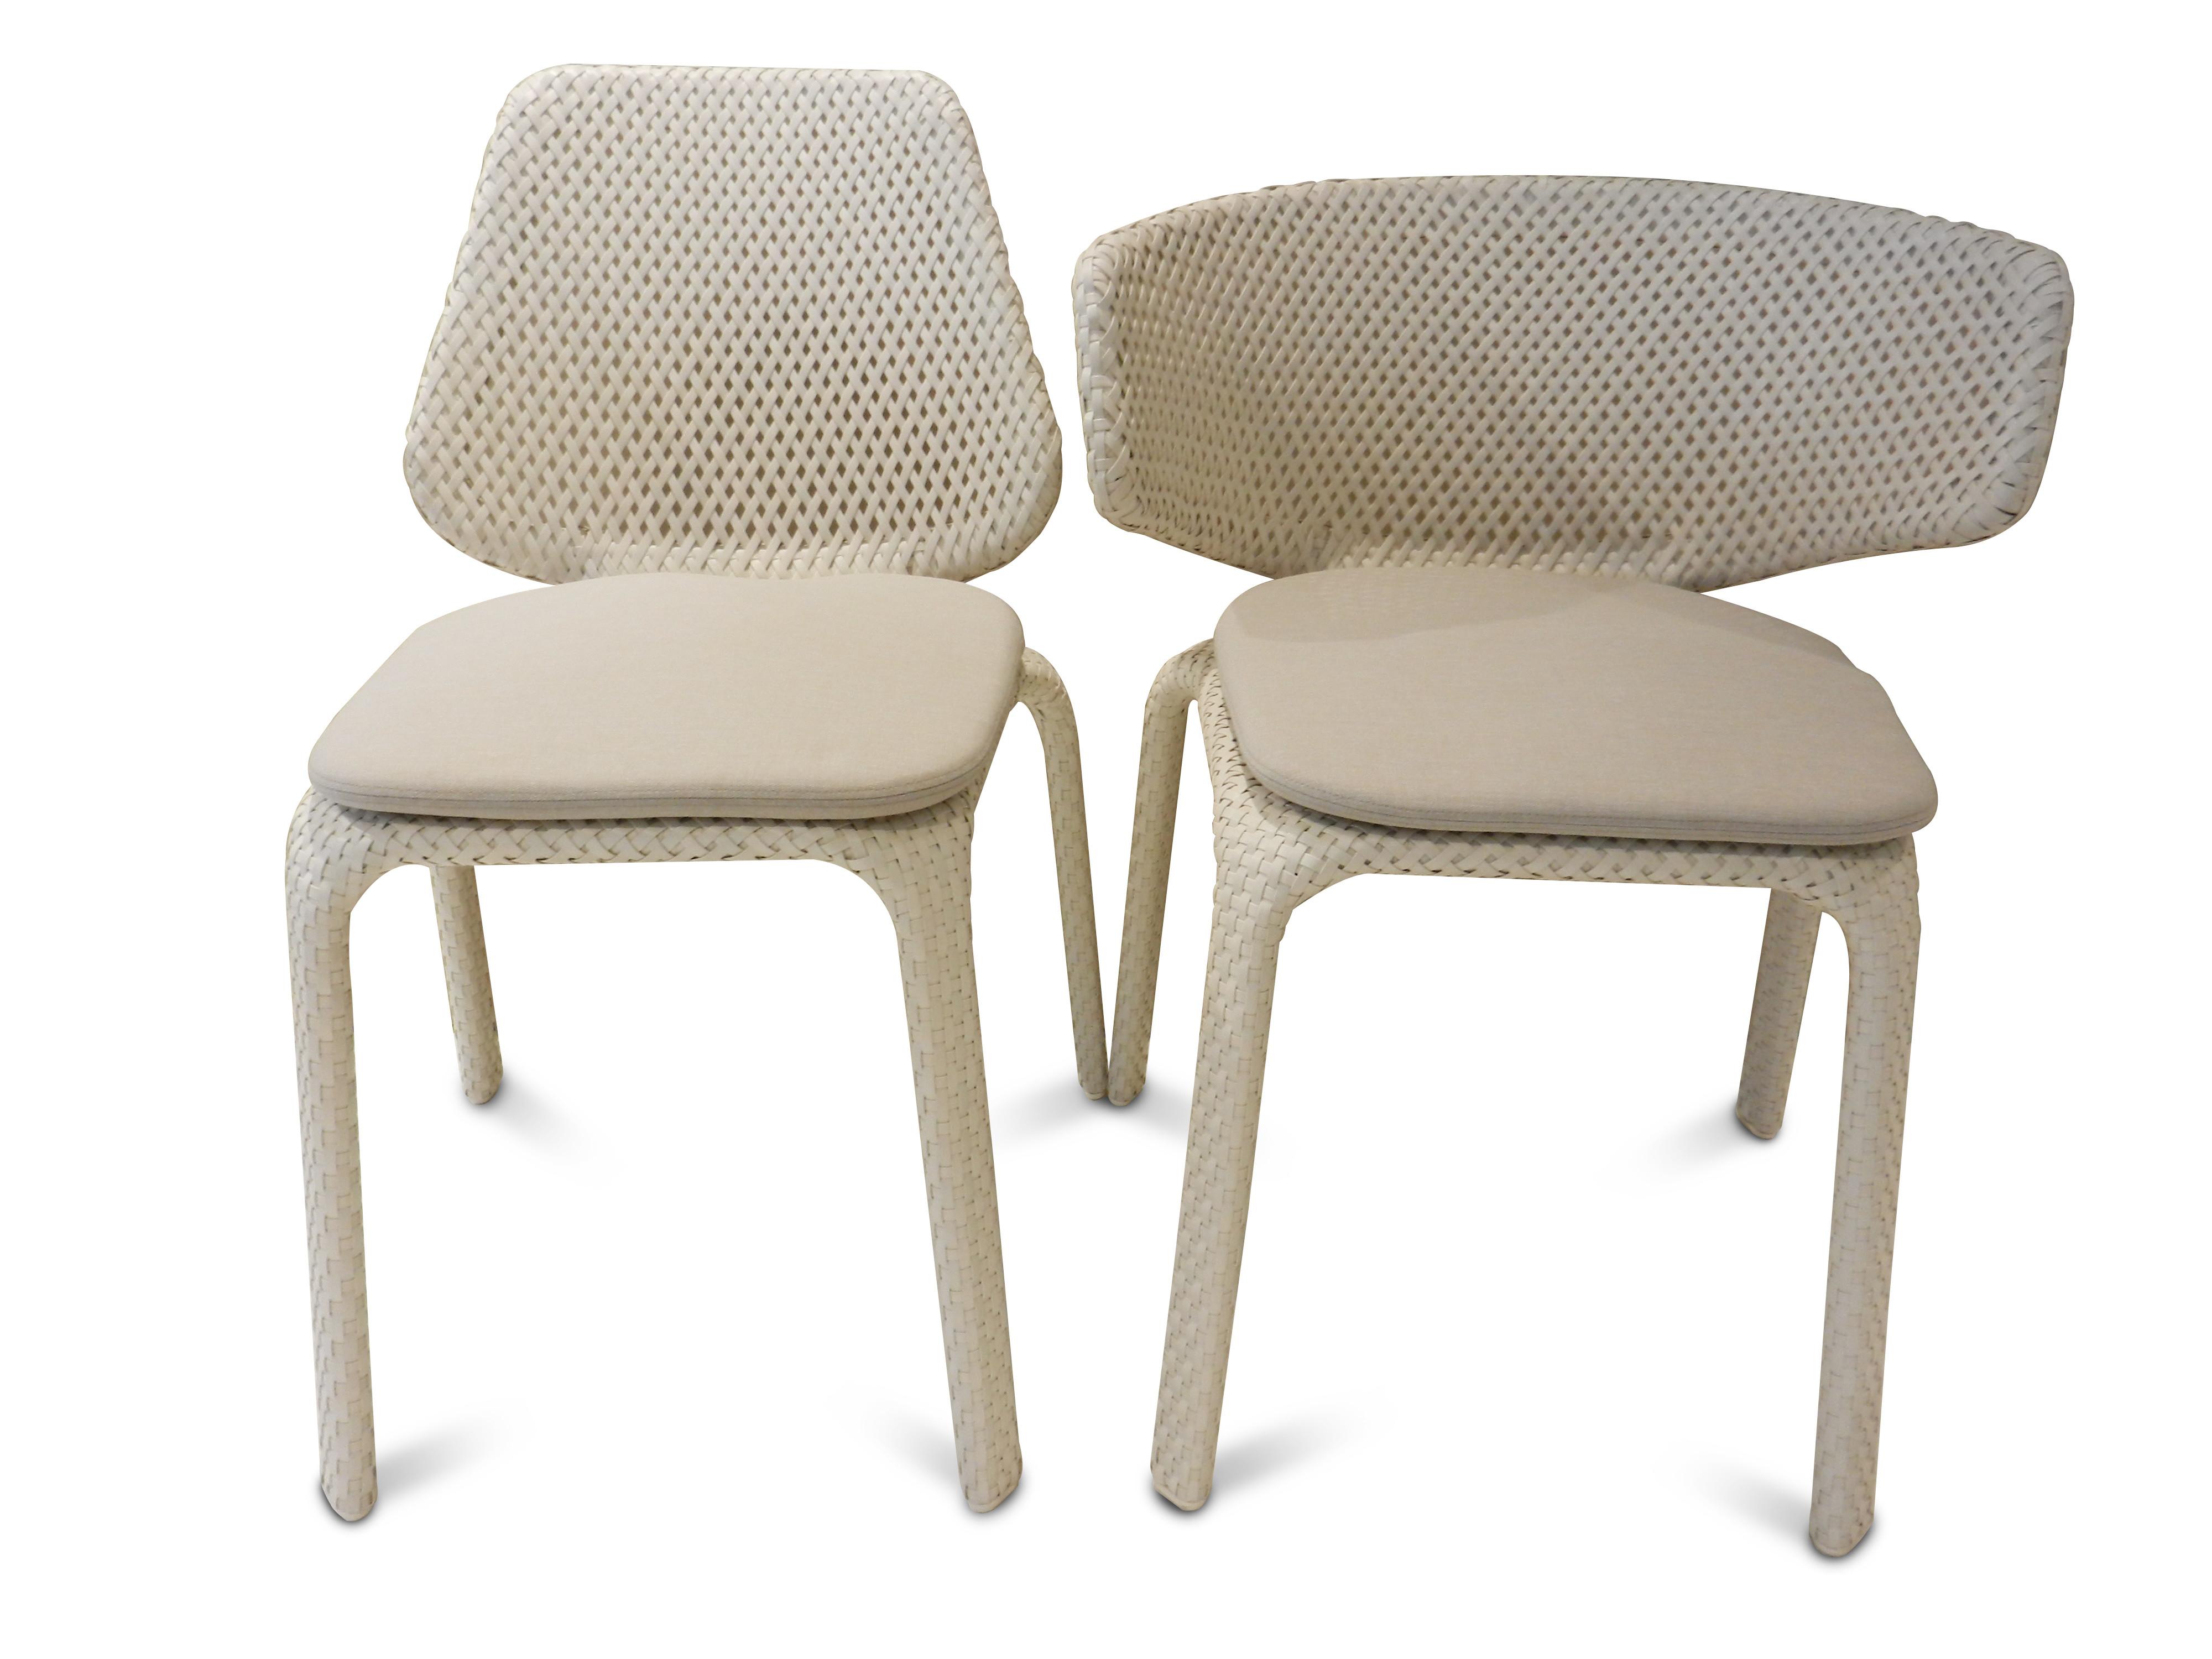 4 Stühle Seashell von Dedon 13